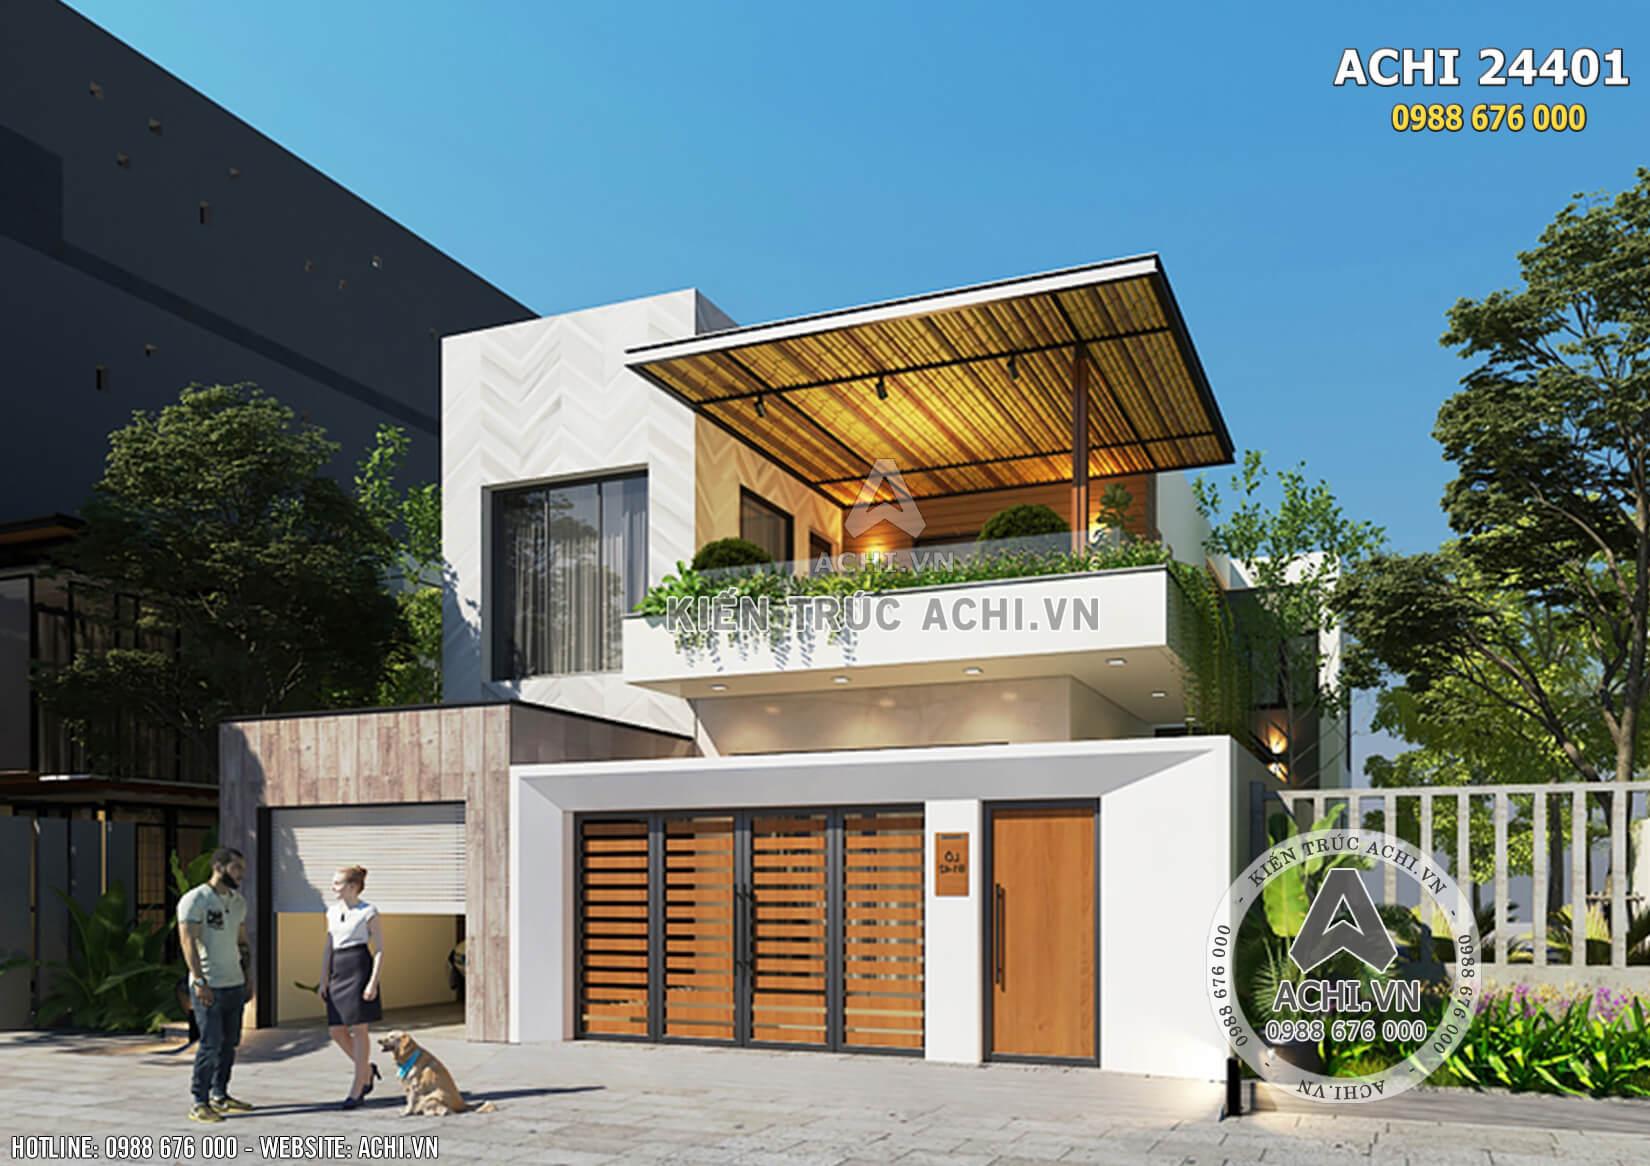 Một góc view của mẫu nhà 2 tầng đẹp hiện đại đẹp độc đáo